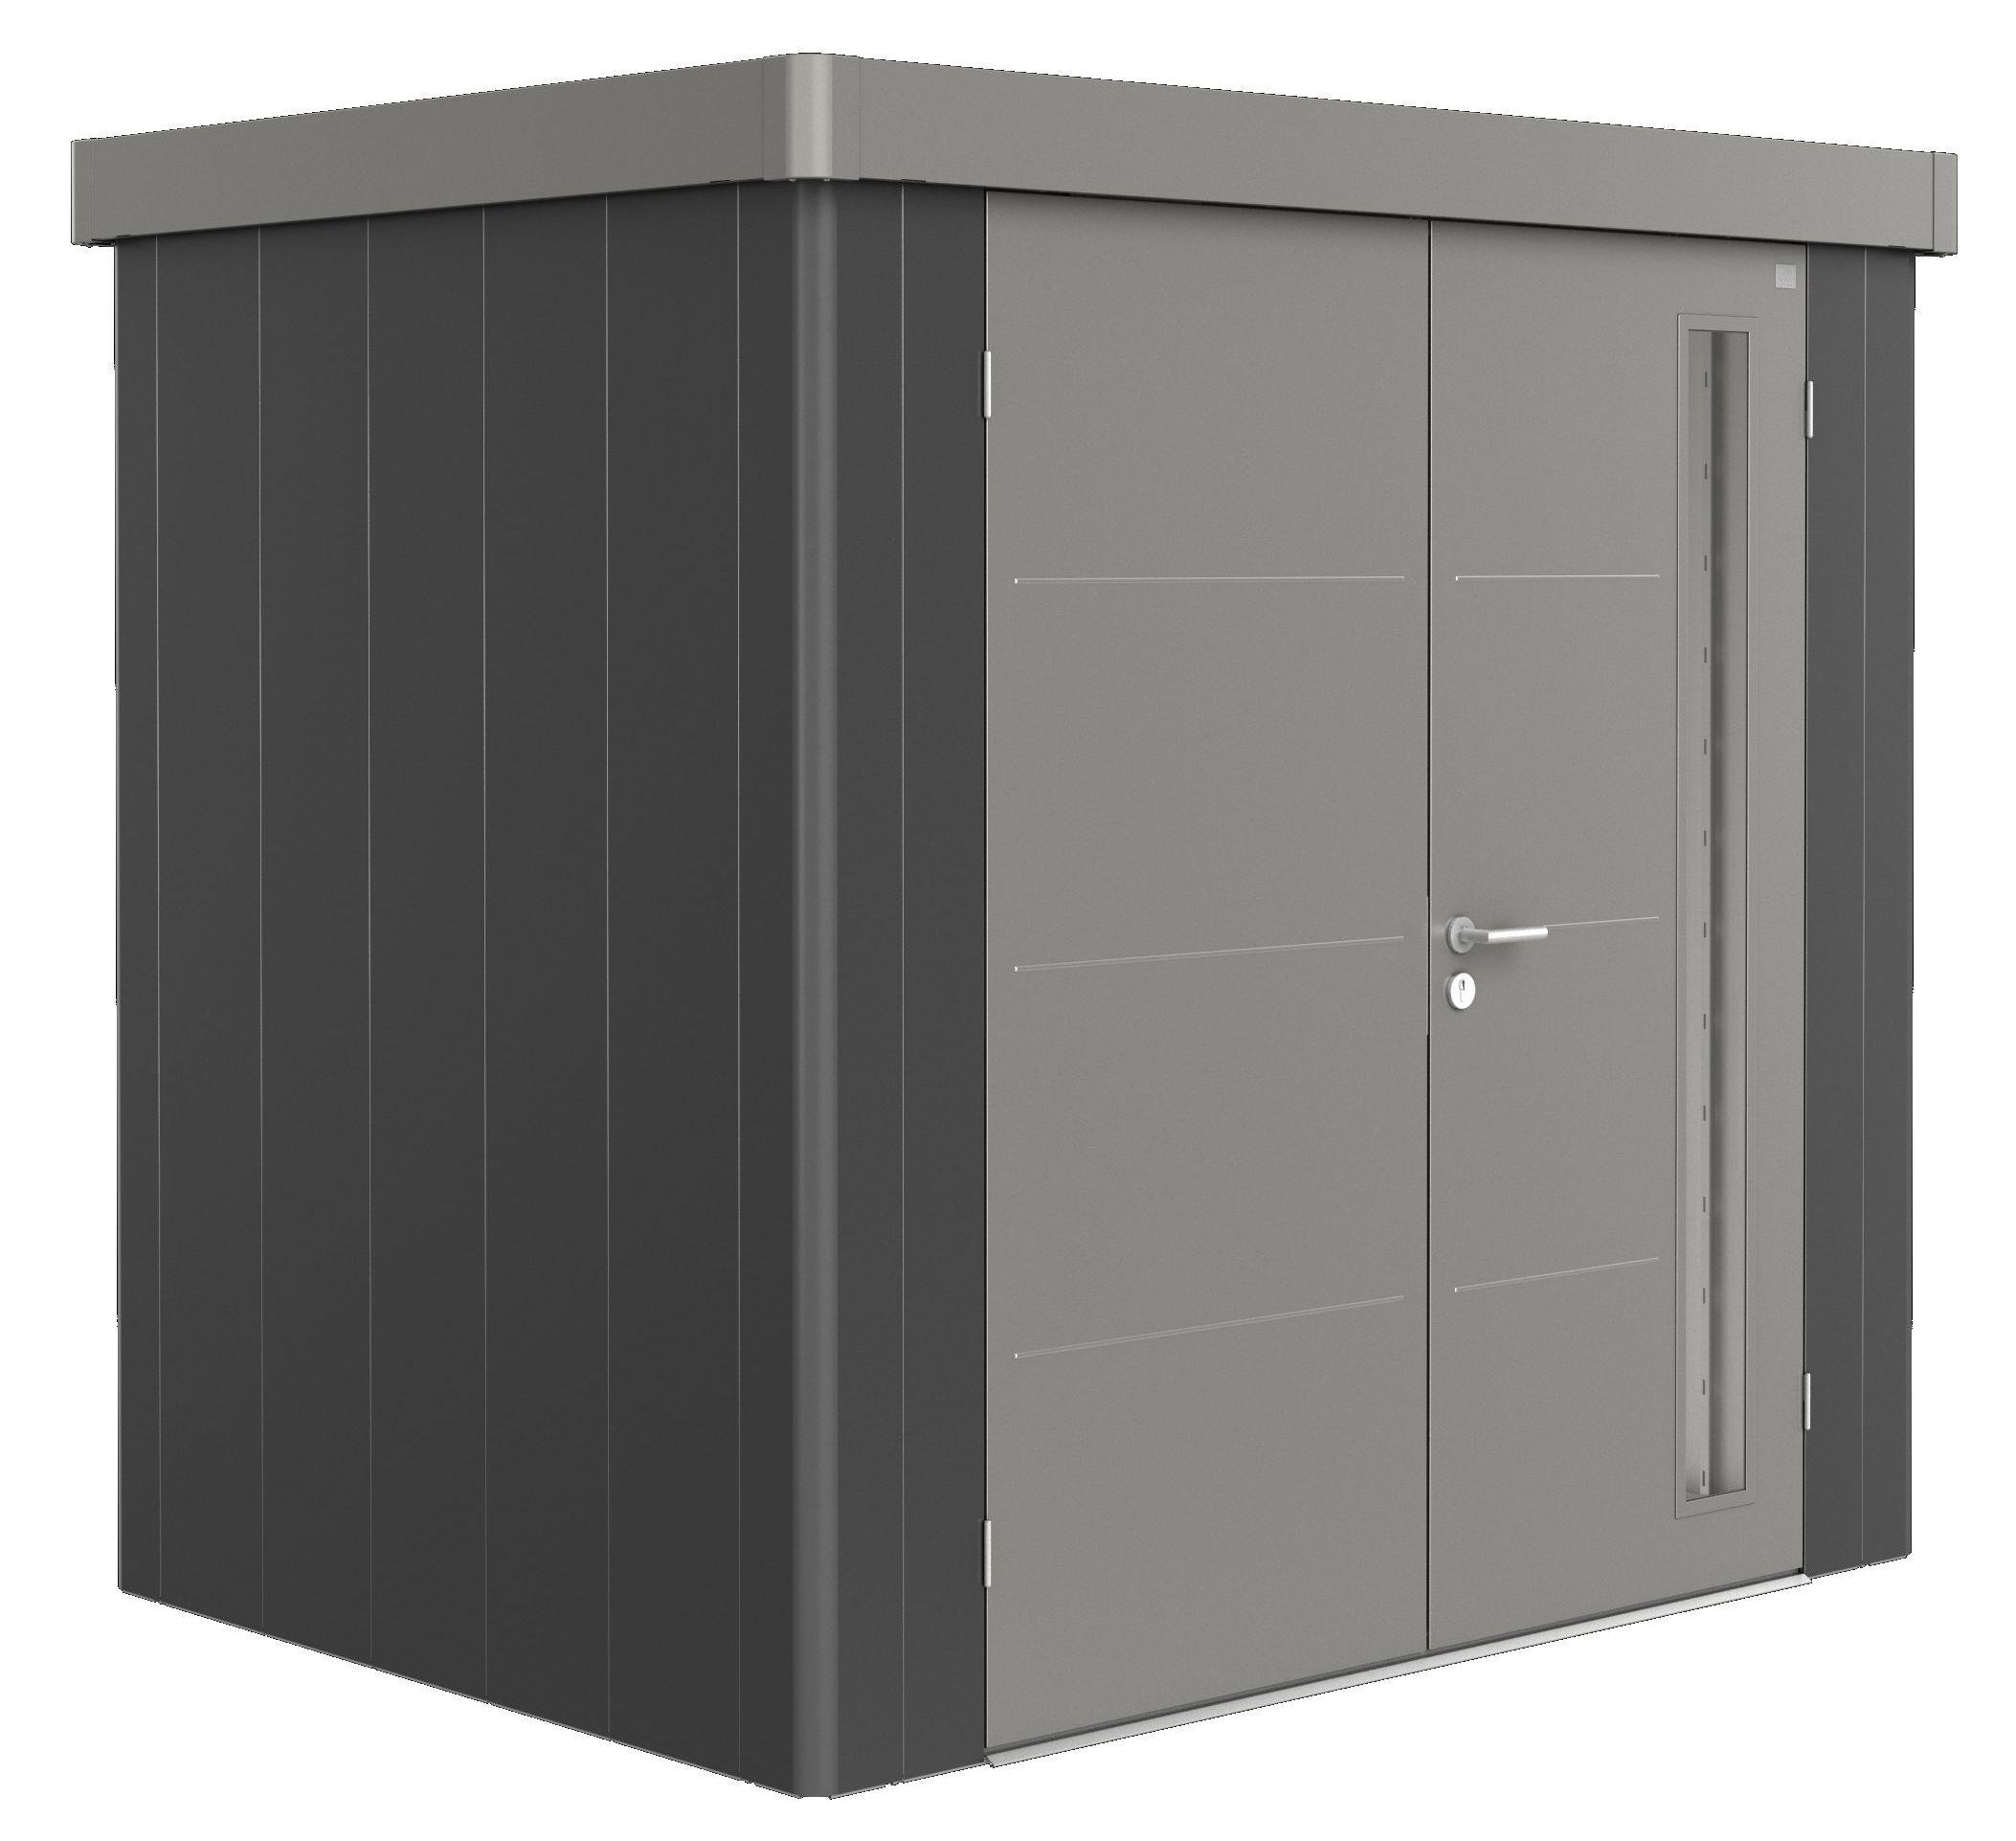 Biohort Zahradní domek NEO 1B, varianta 3.2 tmavě šedá metalíza